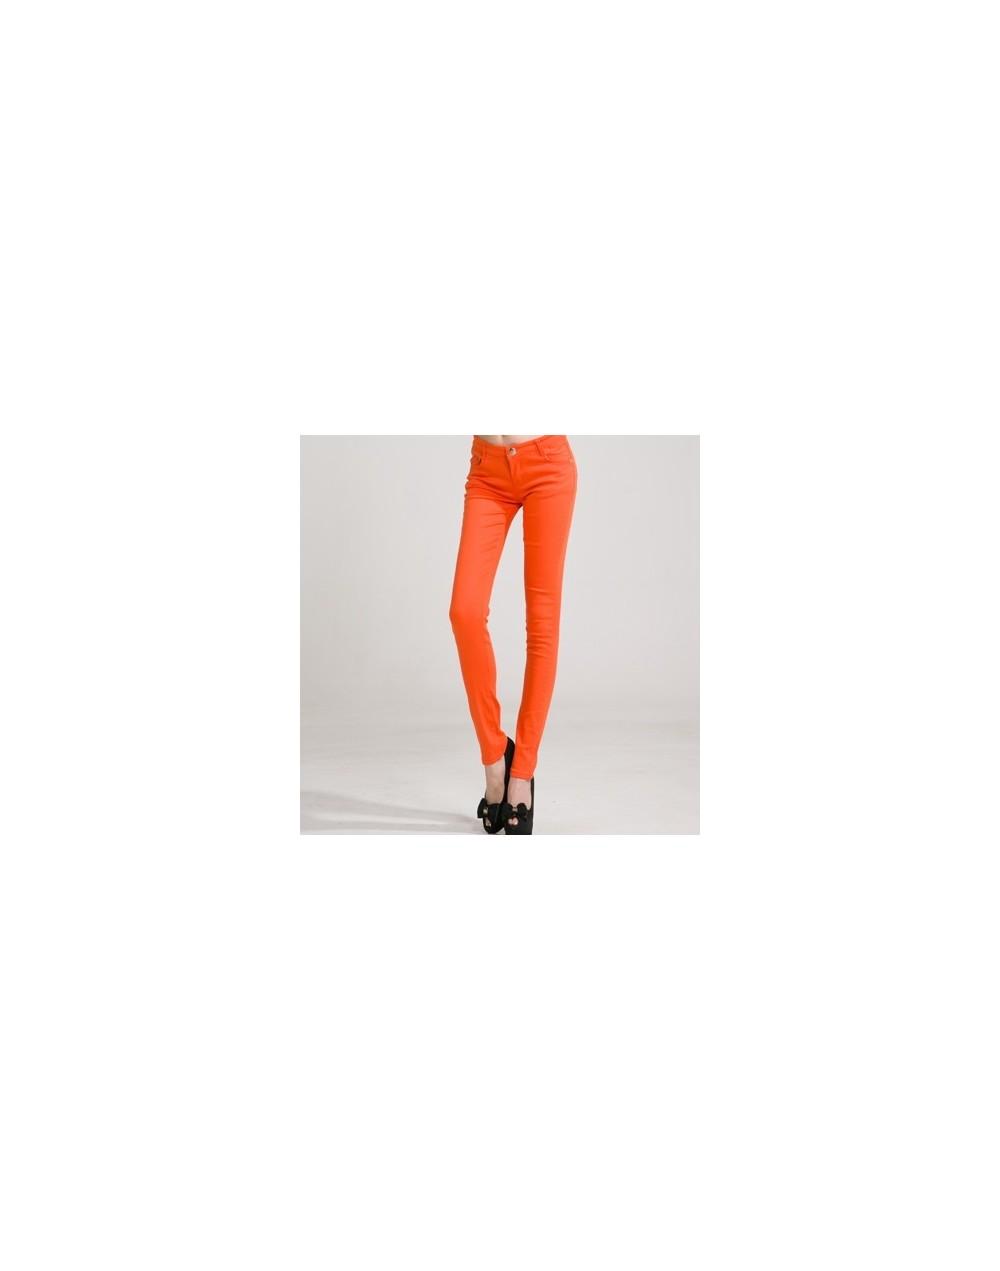 Women's Pants Women Candy Color Pencil Pants Trousers Women Jeans Ladies Elastic Stretch Skinny Pants Plus Size Pantalon Fem...